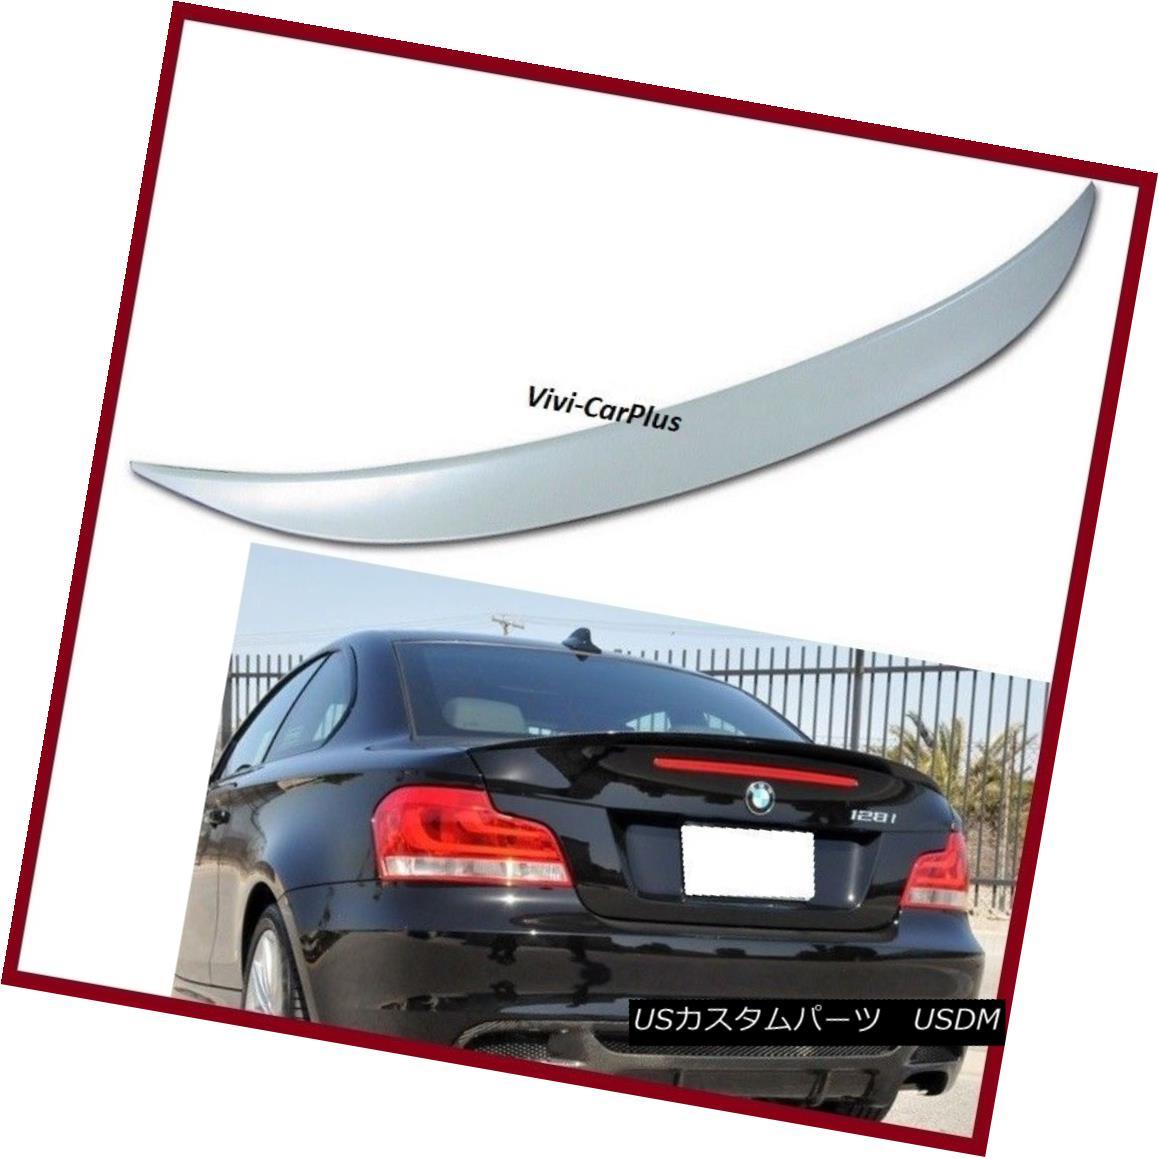 エアロパーツ UNPAINTED 07-13 BMW E82 Coupe 2D 120i 128i 135i 1M P Type Trunk Spoiler Wing Lip UNPAINTED 07-13 BMW E82クーペ2D 120i 128i 135i 1M Pタイプトランクスポイラーウイングリップ